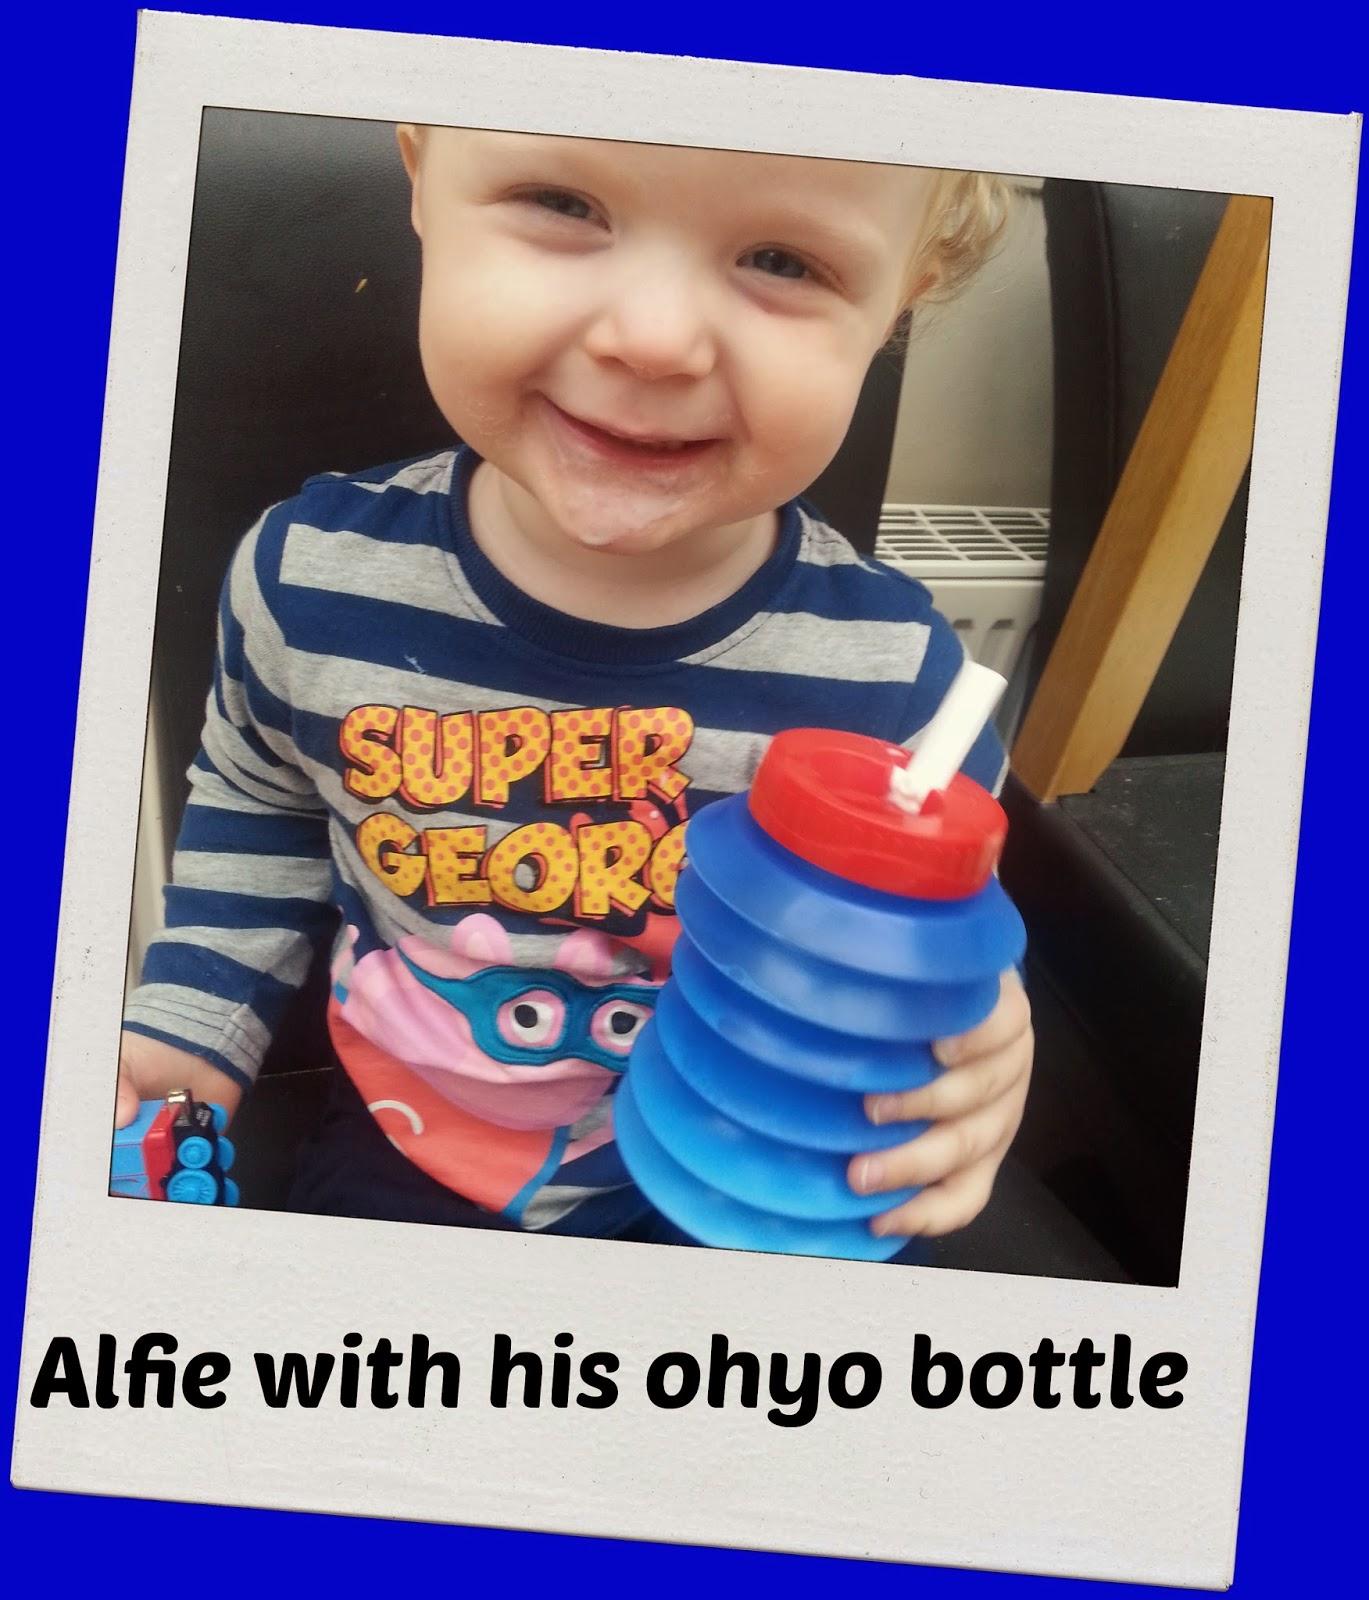 ohyo bottle